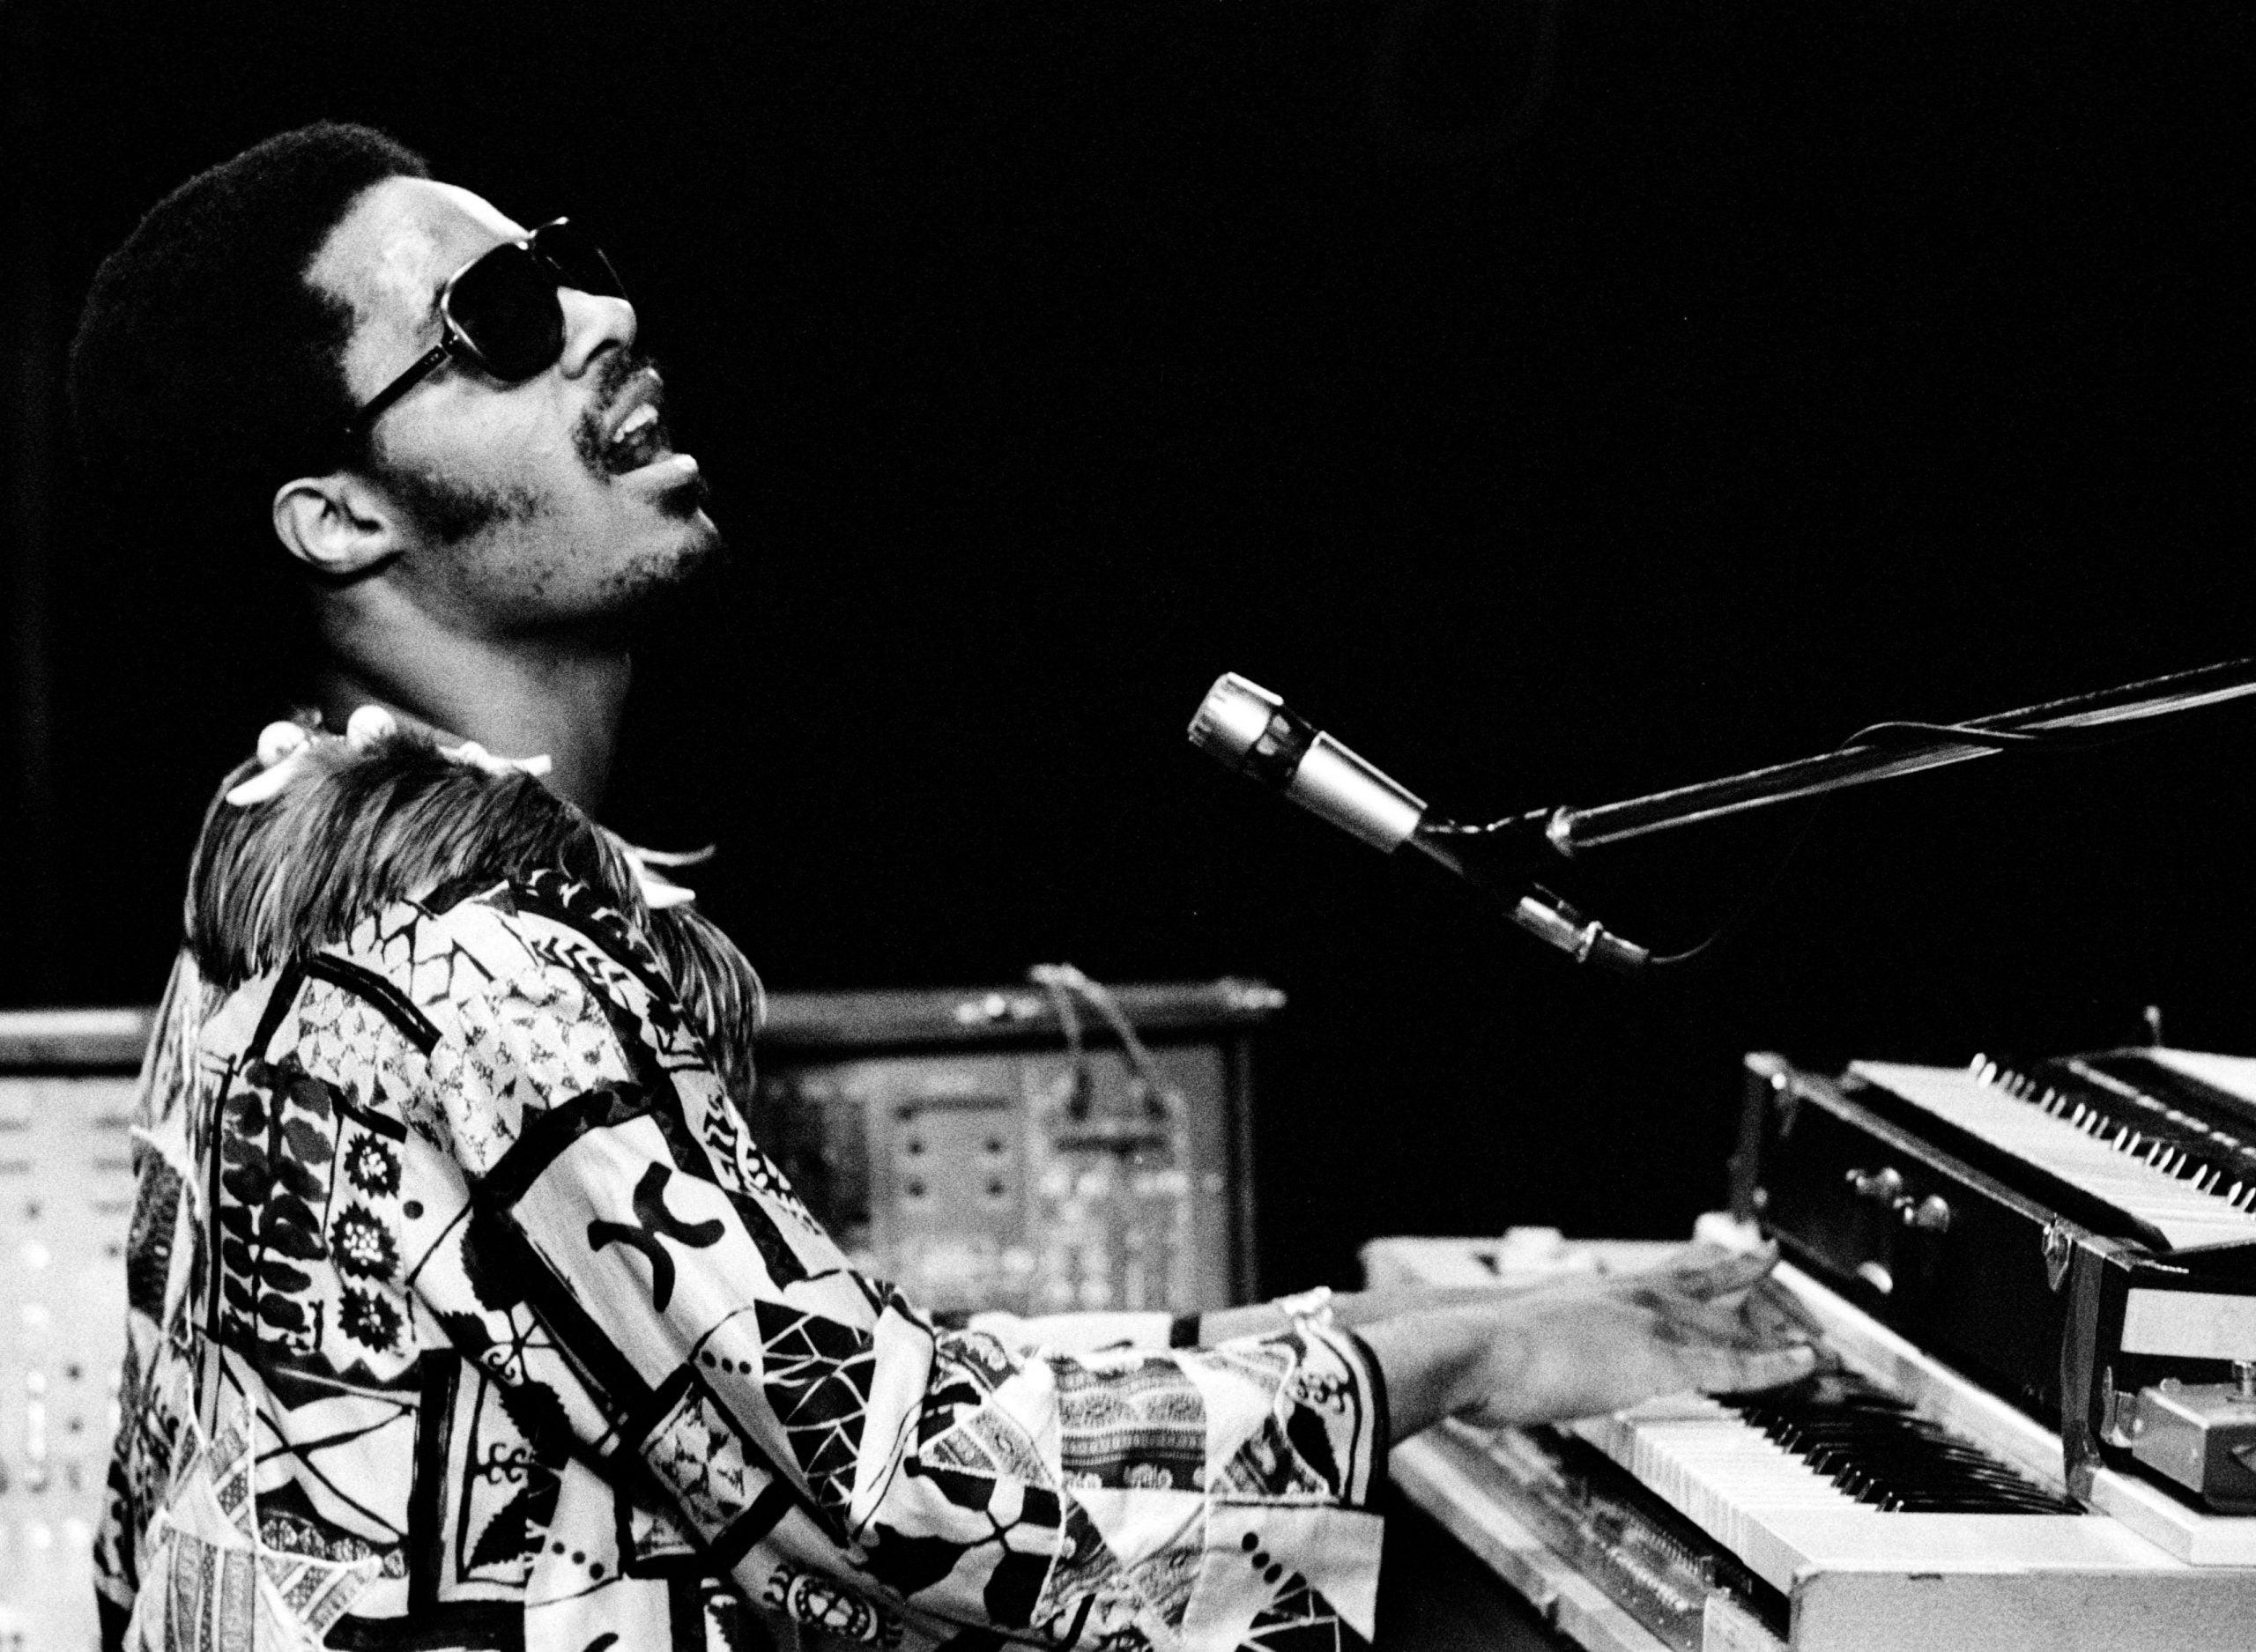 Caption: Stevie Wonder